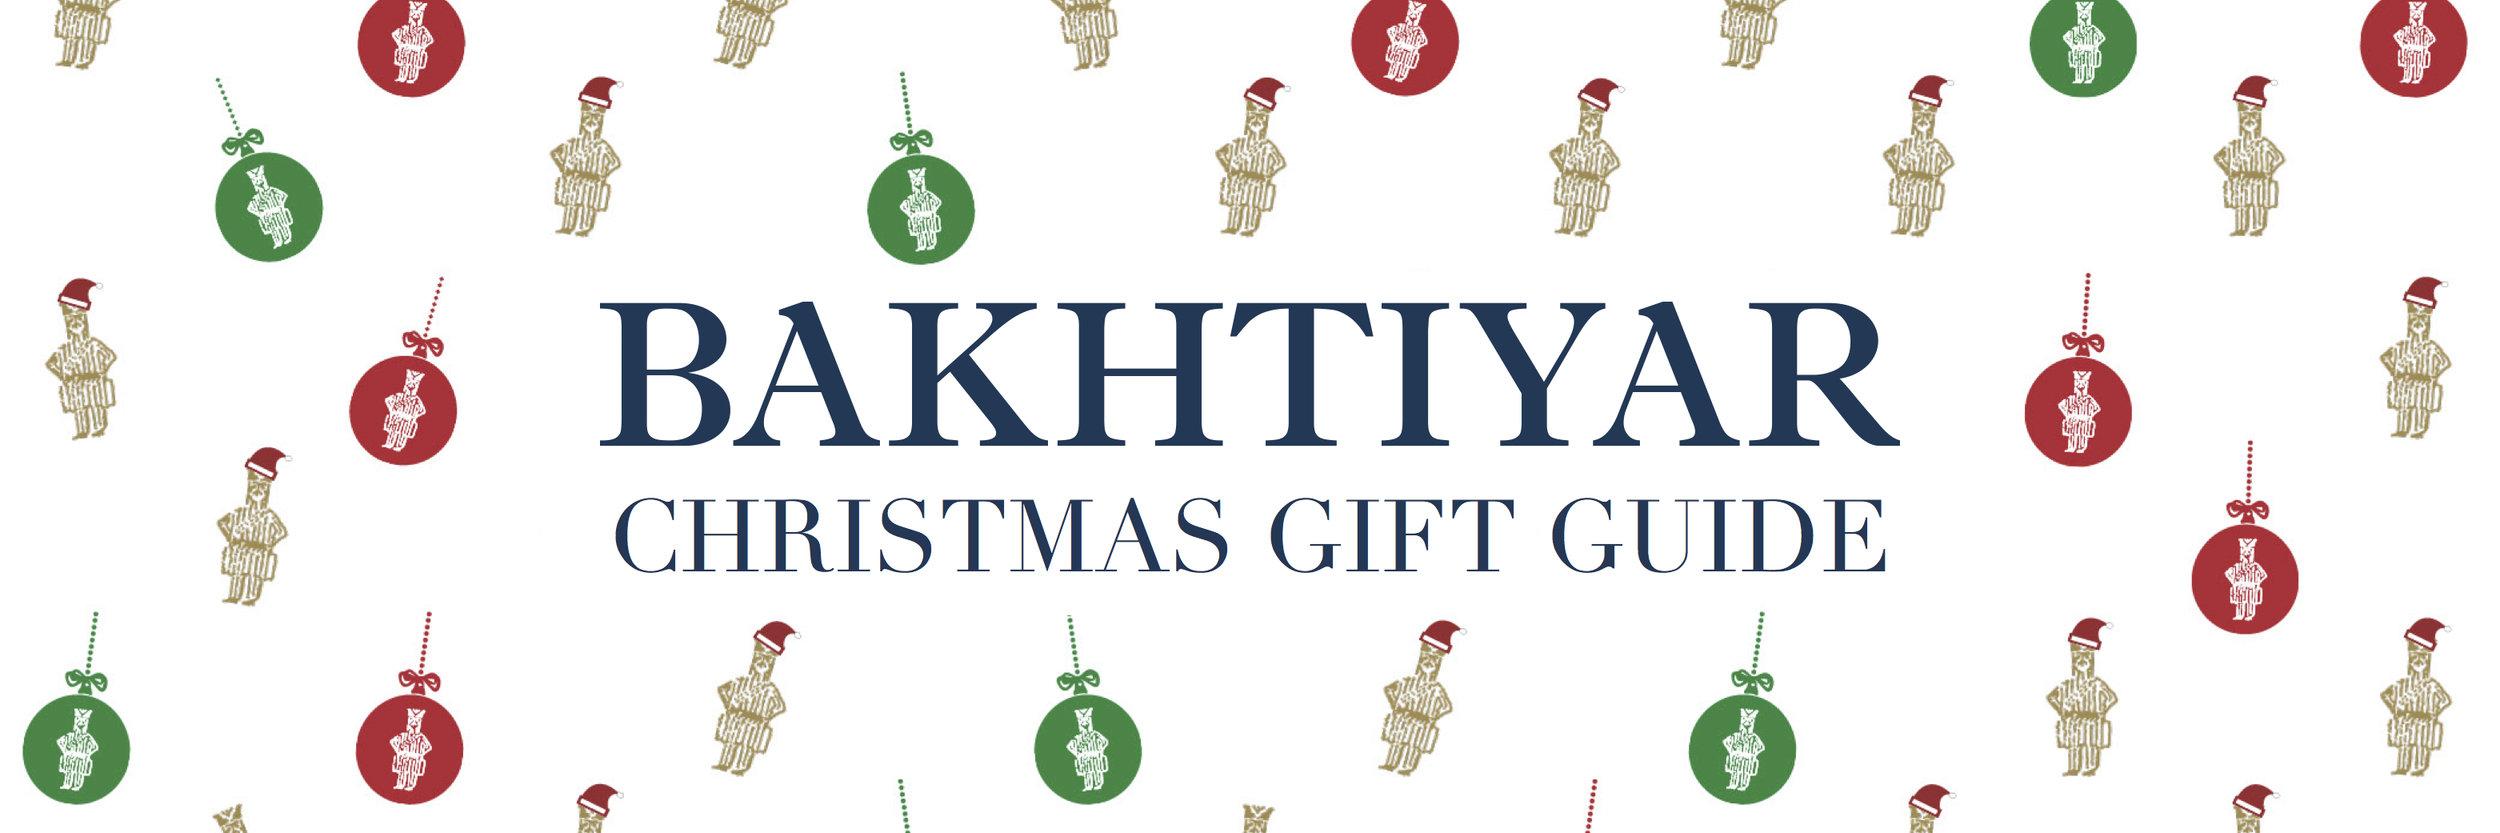 Christmas Gift Guide.jpg